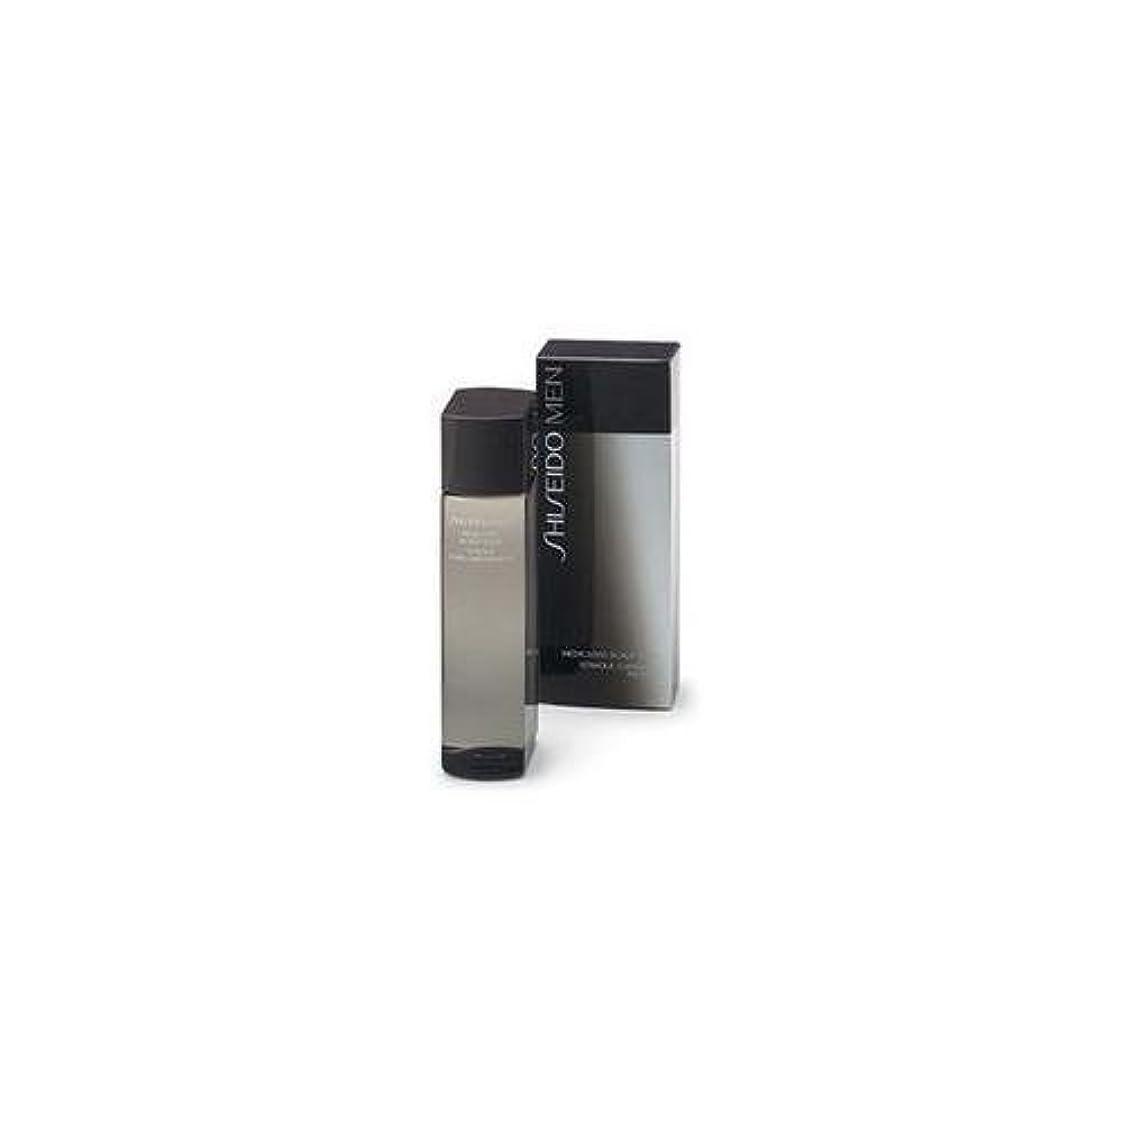 分離するコンクリート受動的資生堂 シセイドウメン 薬用スカルプトニック 発毛促進剤(頭皮用)医薬部外品